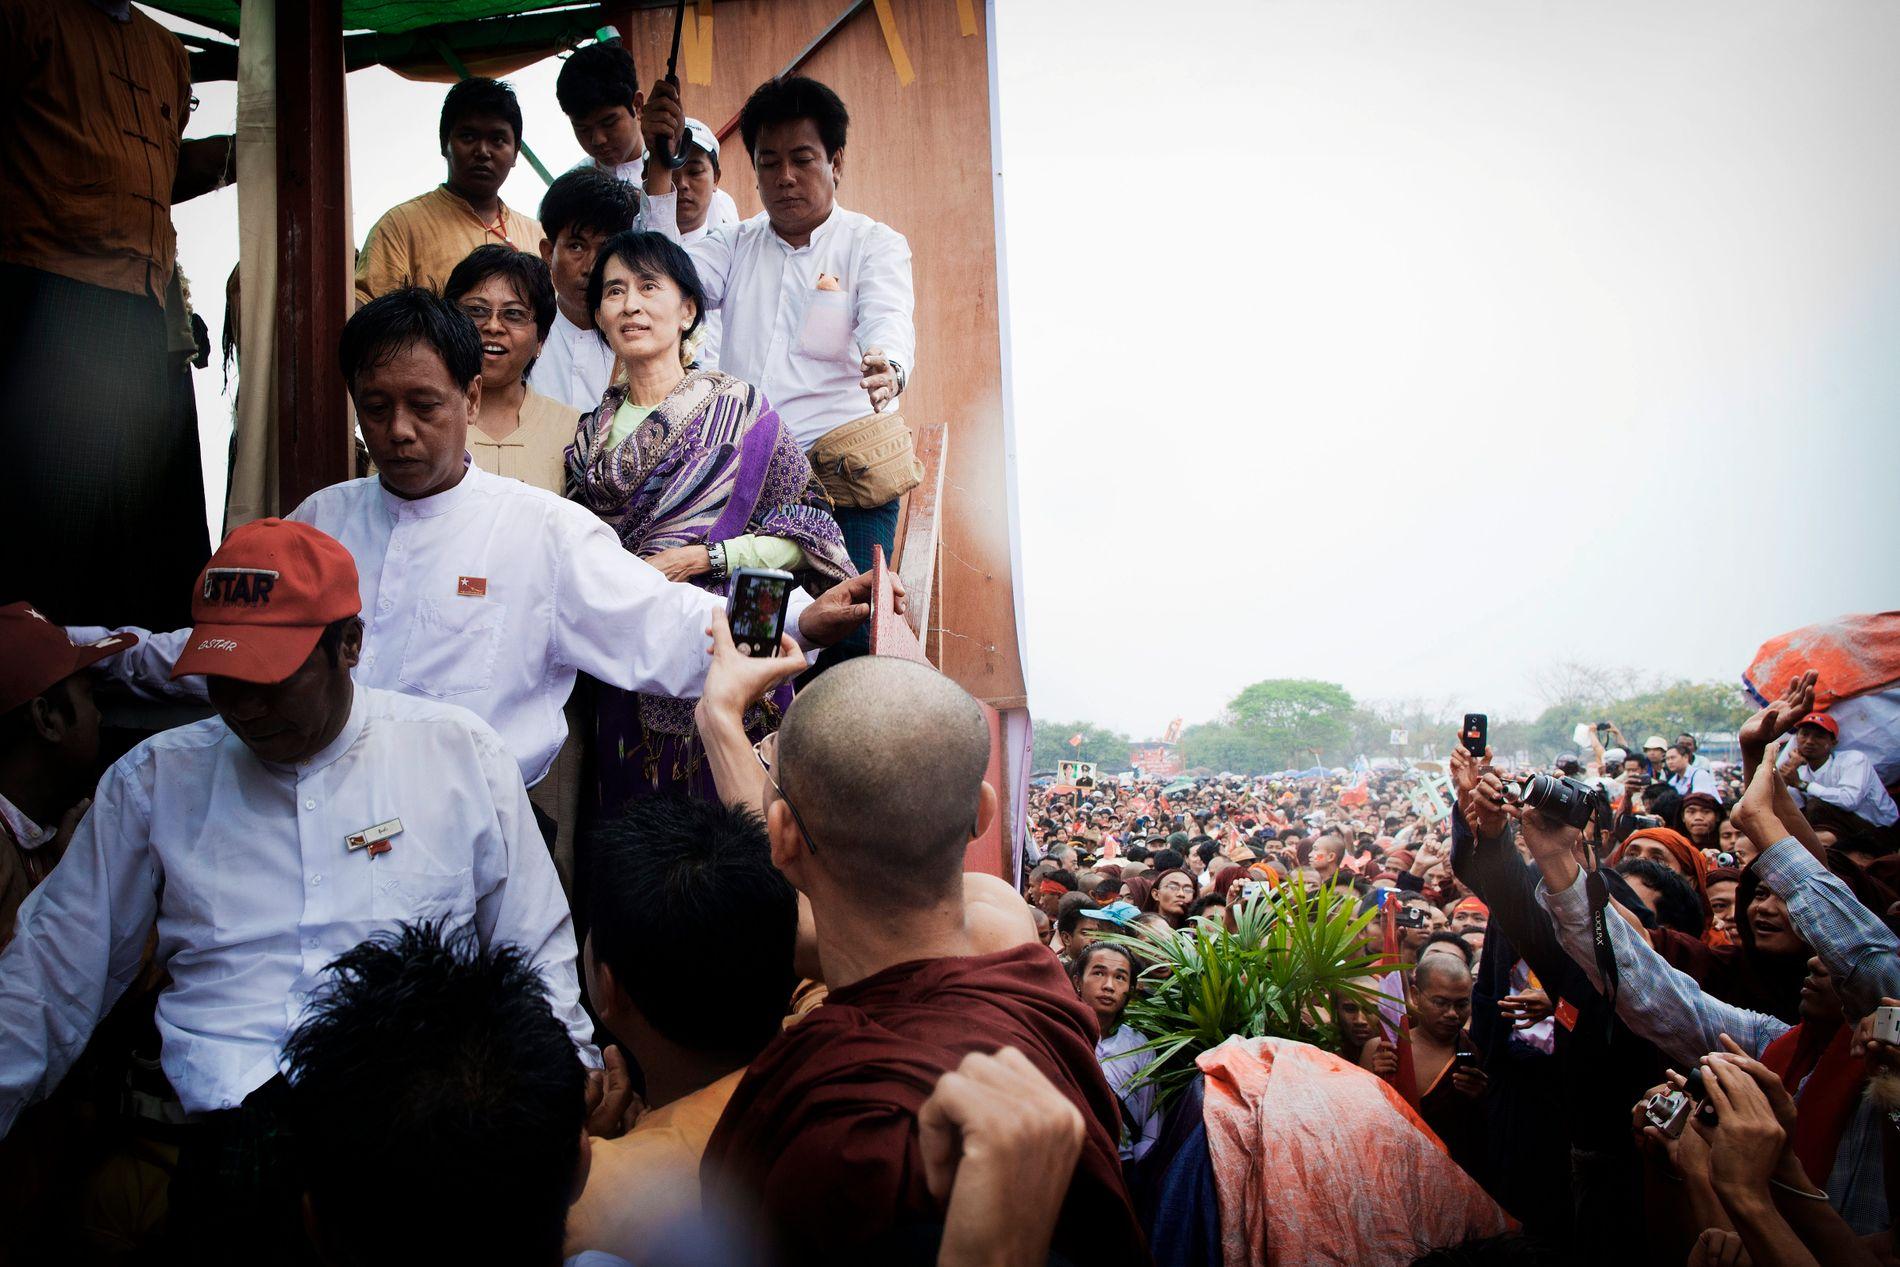 TAUS: Fredsprisvinner Aung San Suu Kyi er på vei ned fra talerstolen i byen Mandalay i Myanmar. I mars 2012 vant hun det første demokratiske valget i landet på 20 år. Valget ble sett på som en stor seier for de som kjemper for demokrati i Myanmar, og som et bevis på at landet var på vei i riktig retning etter flere tiår med undertrykking fra militrstyret. Nå får hun sterk kritikk for ikke å ta avstand fra regimets voldsbruk mot rohingya-folket.